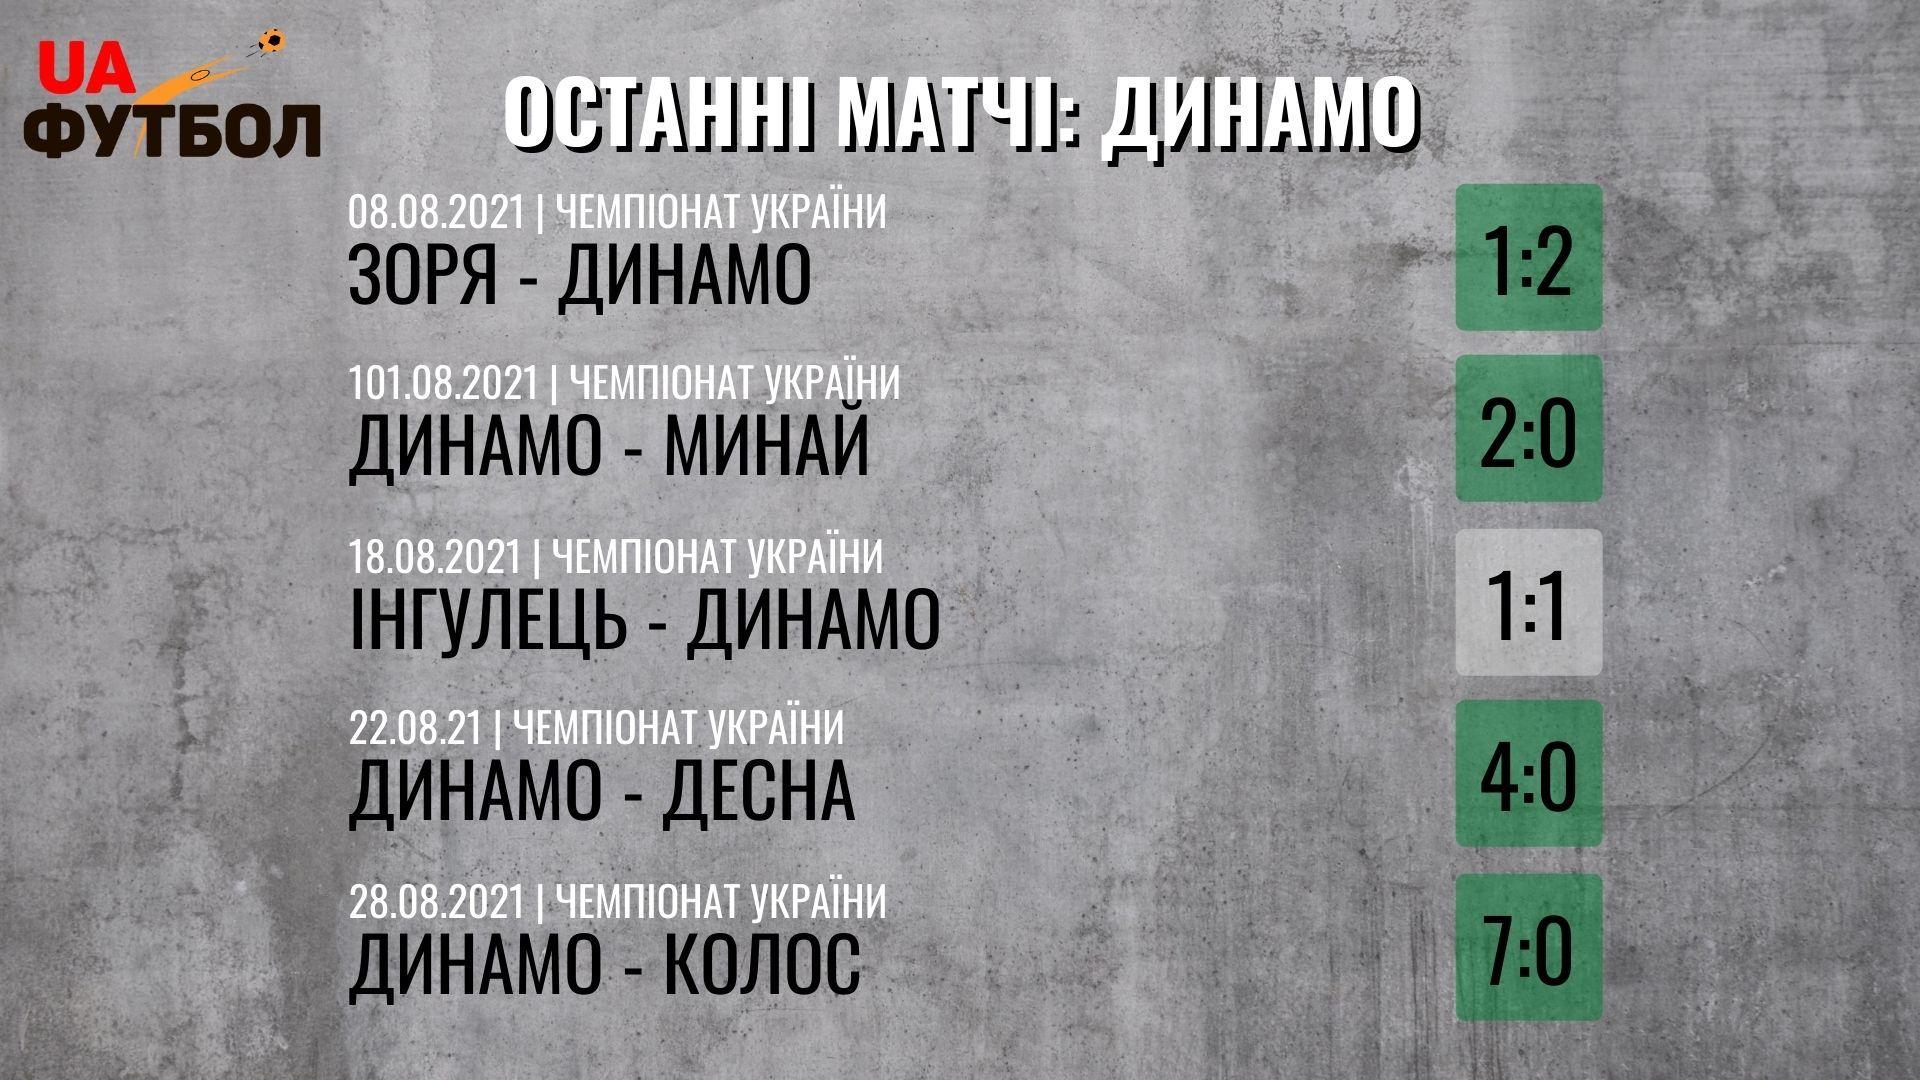 Металлист 1925 - Динамо. Анонс и прогноз на матч УПЛ 11.09.2021 - изображение 2